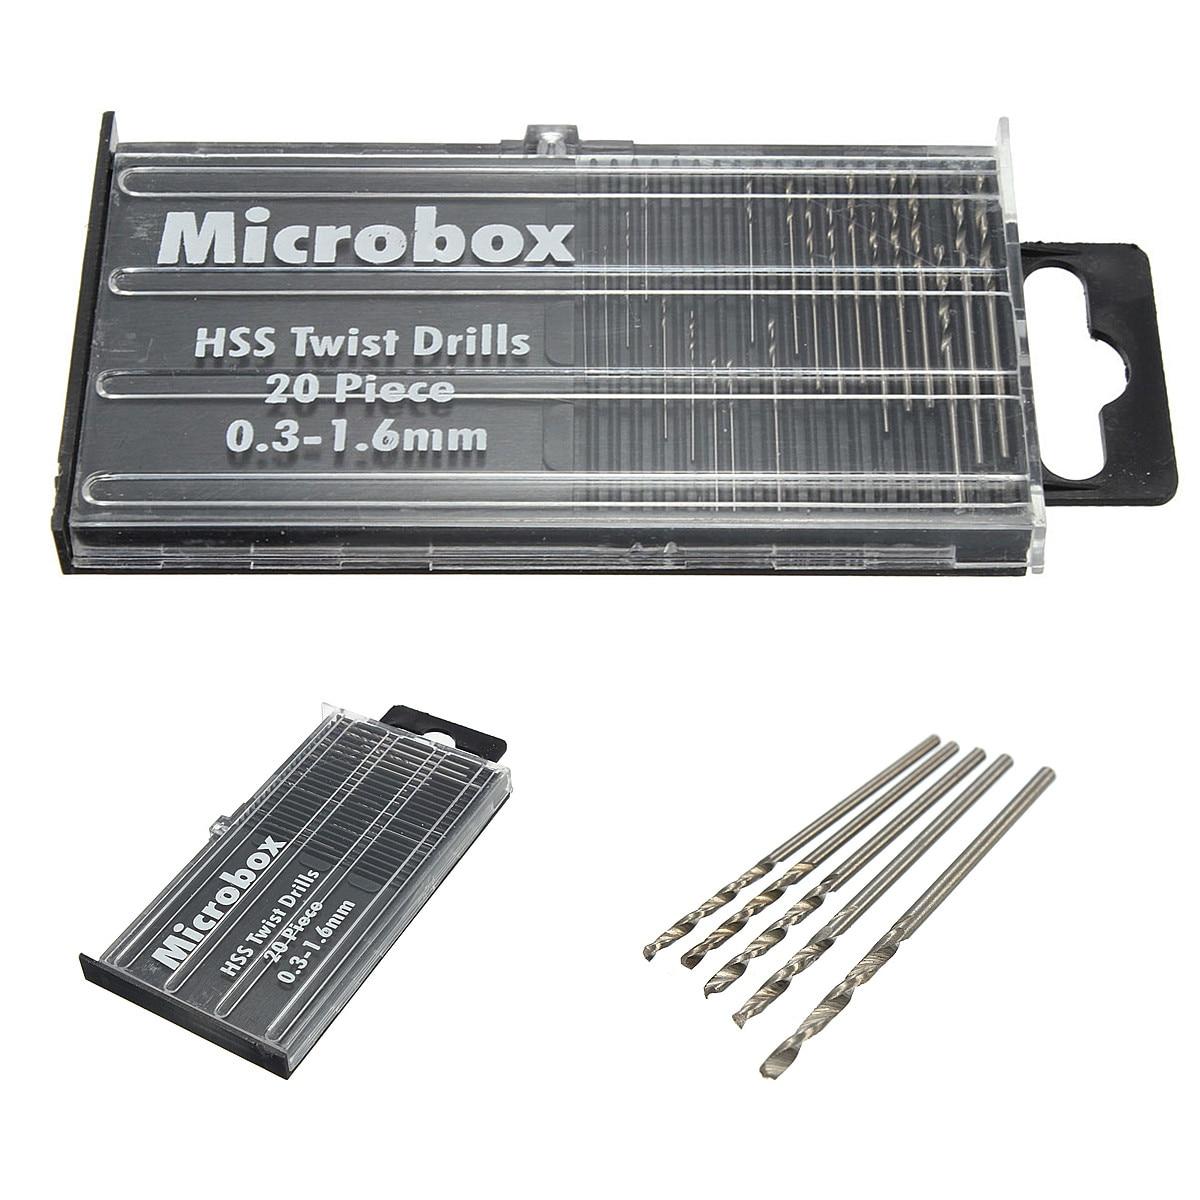 Newest 20Pcs/set 0.3mm-1.6mm Mini High Speed Steel HSS Micro Twist Drill Bit Set Power Tools Model Craft With Case Repair Parts